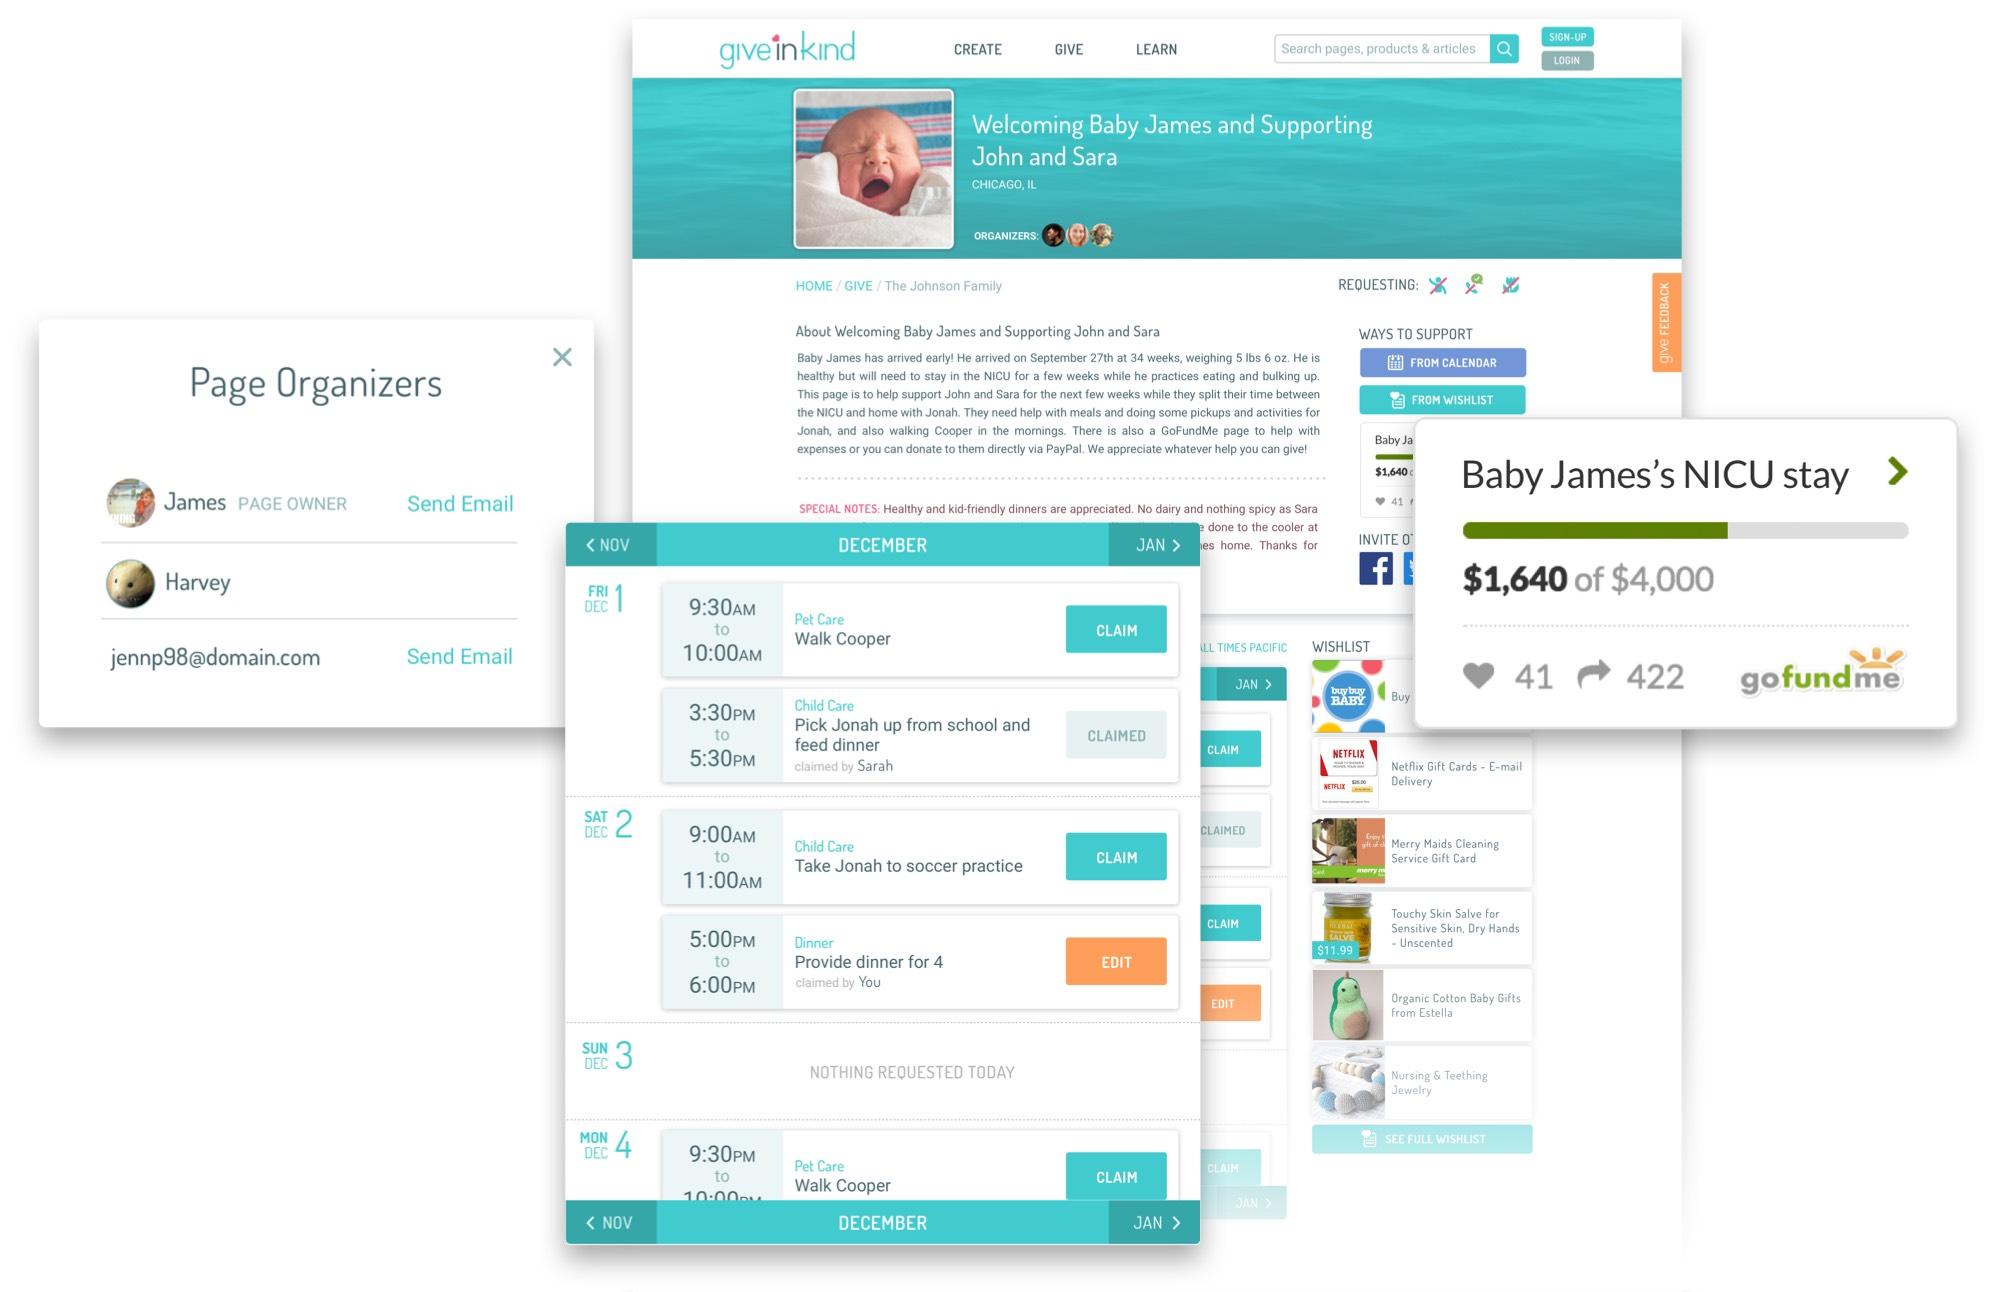 La plataforma de donaciones más inteligente de Give InKind trae sorpresivamente $ 1.5 millones en fondos pre-semilla - TechCrunch 2